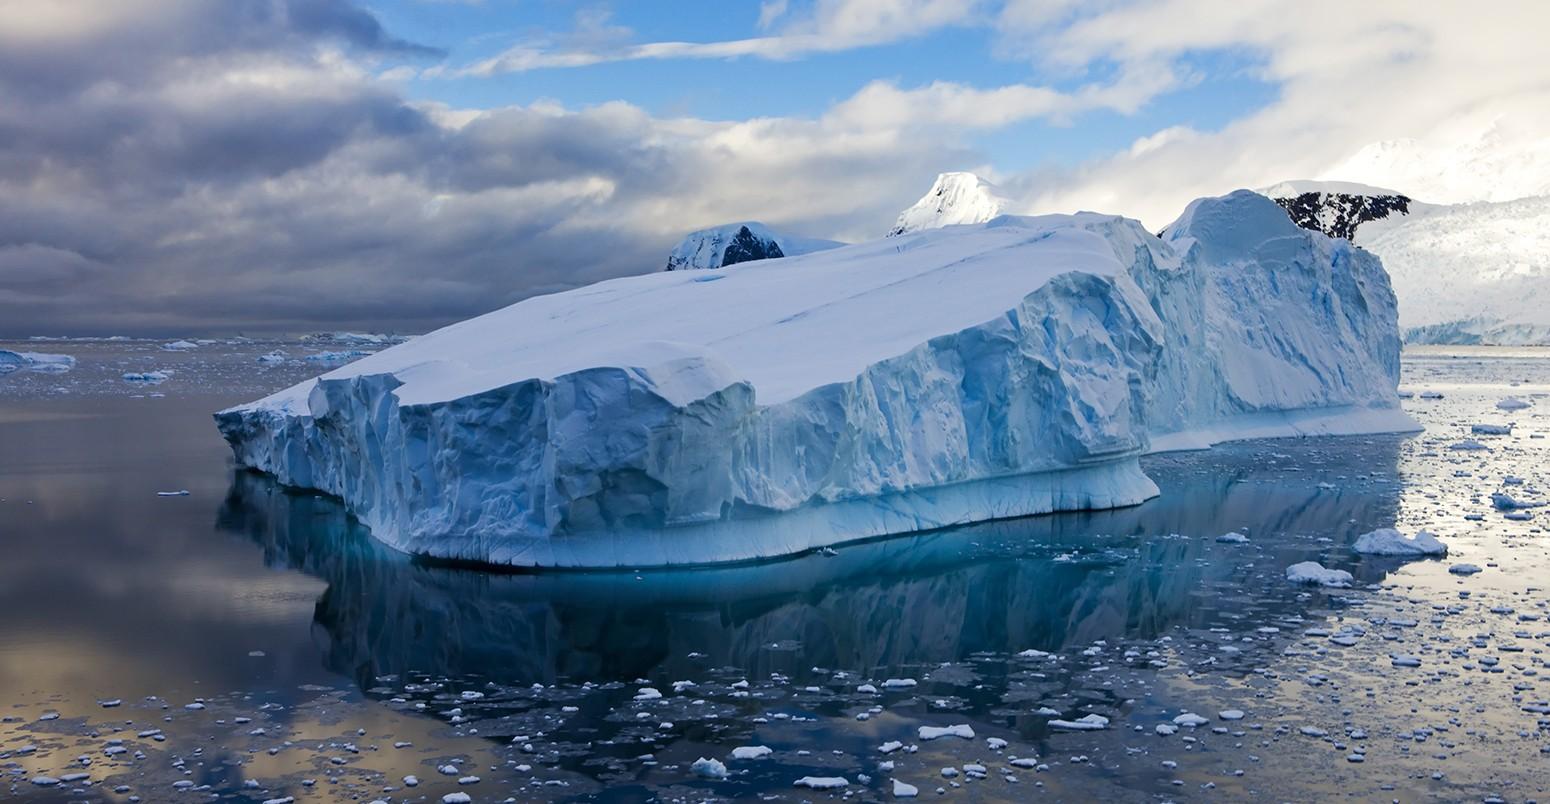 NASA công bố hình ảnh tảng băng trôi hình chữ nhật vuông thành sắc cạnh, xưa nay chưa nhìn thấy bao giờ - Ảnh 2.